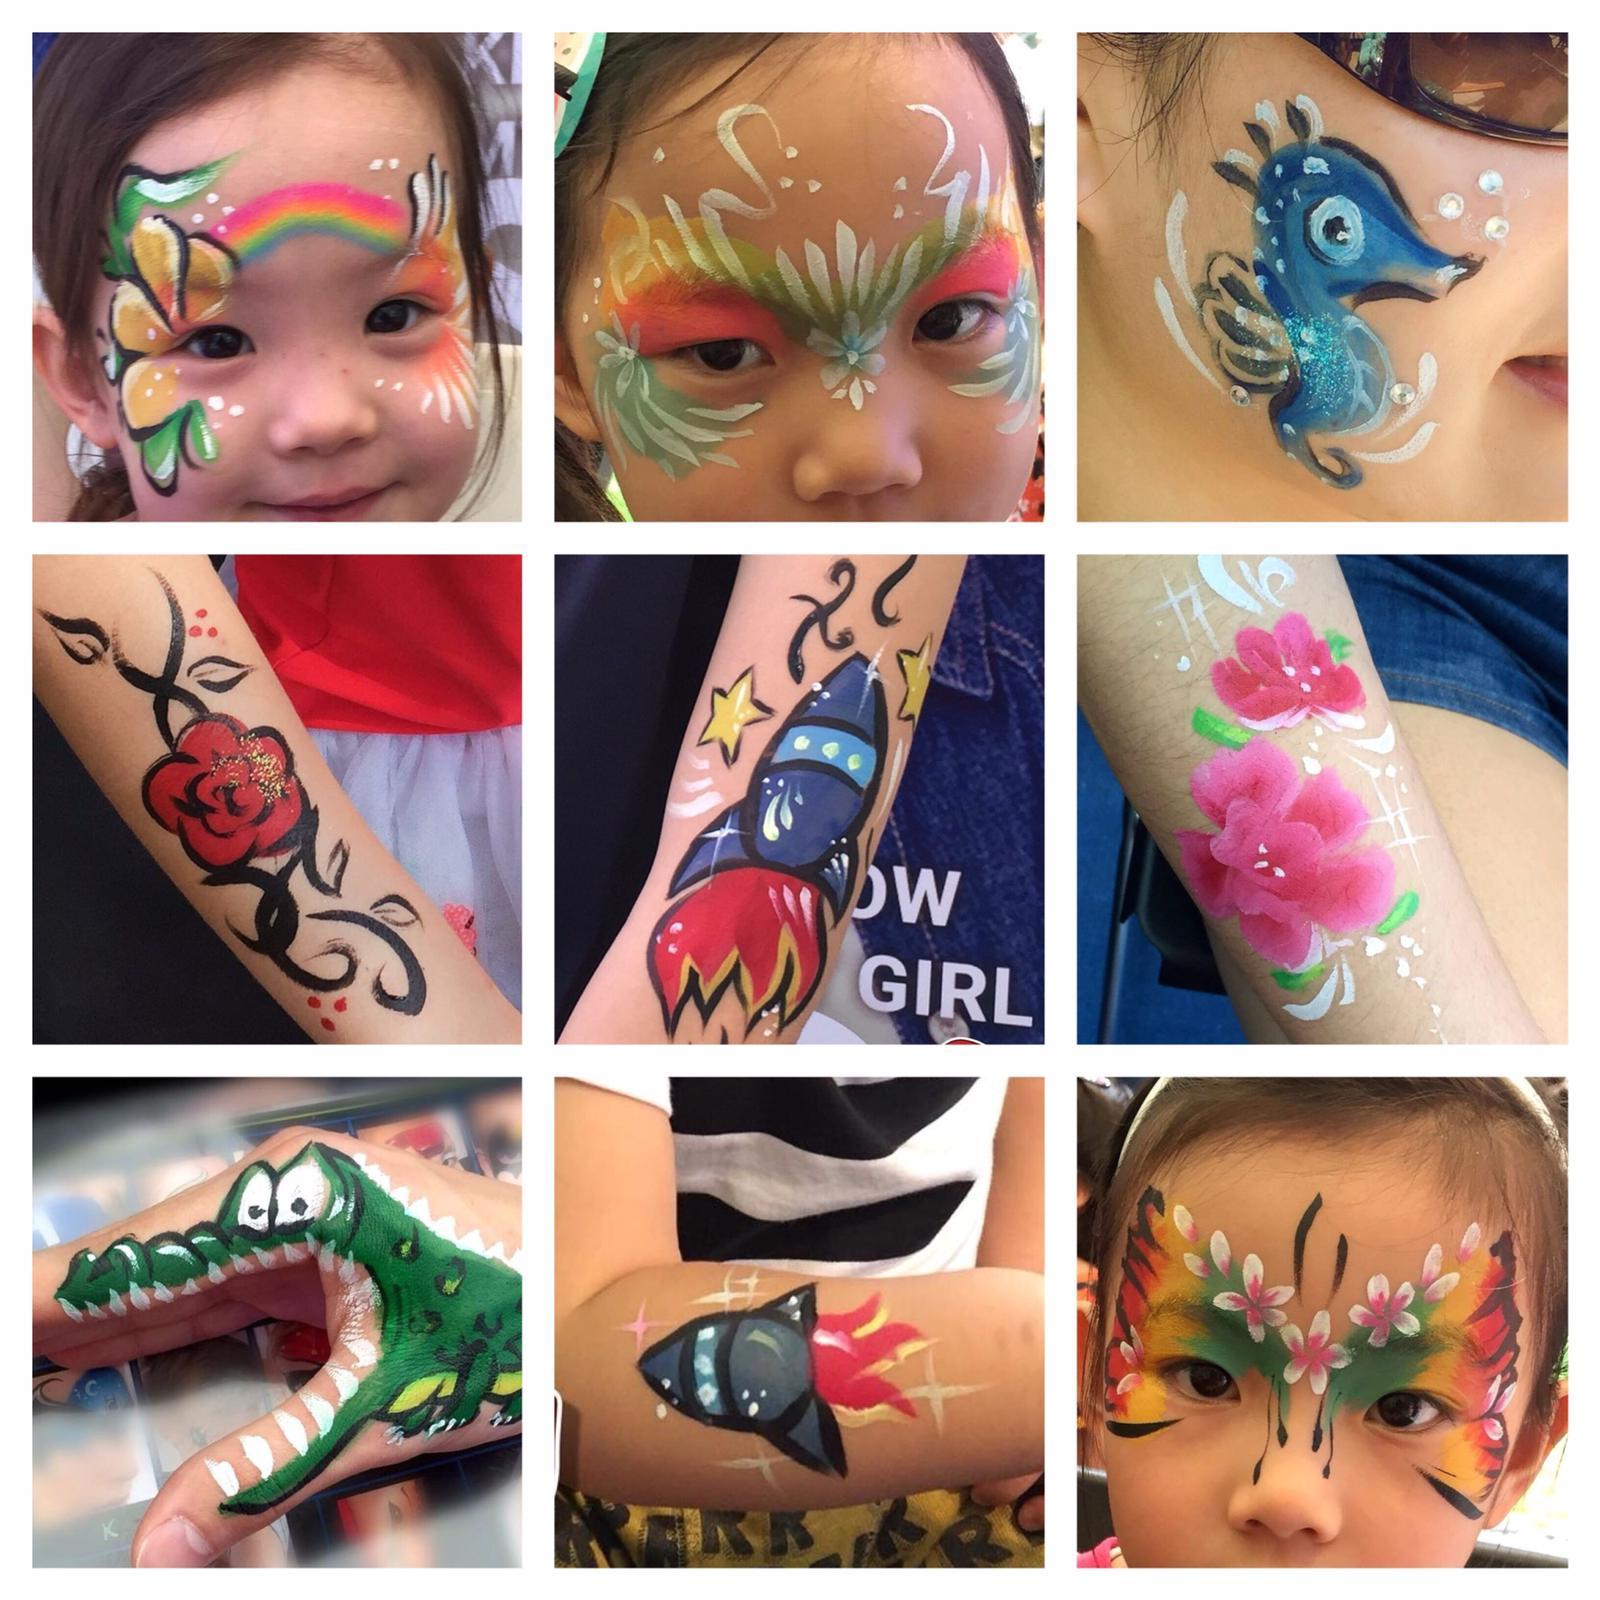 Face painter Emily: birthday parties hong kong childrens shows magic juggling functions birthdays party hong kong 生日會派對、小丑、扭汽球、雜耍雜技, 舞蹈  遊戲, 小丑扭汽球、雜耍雜技